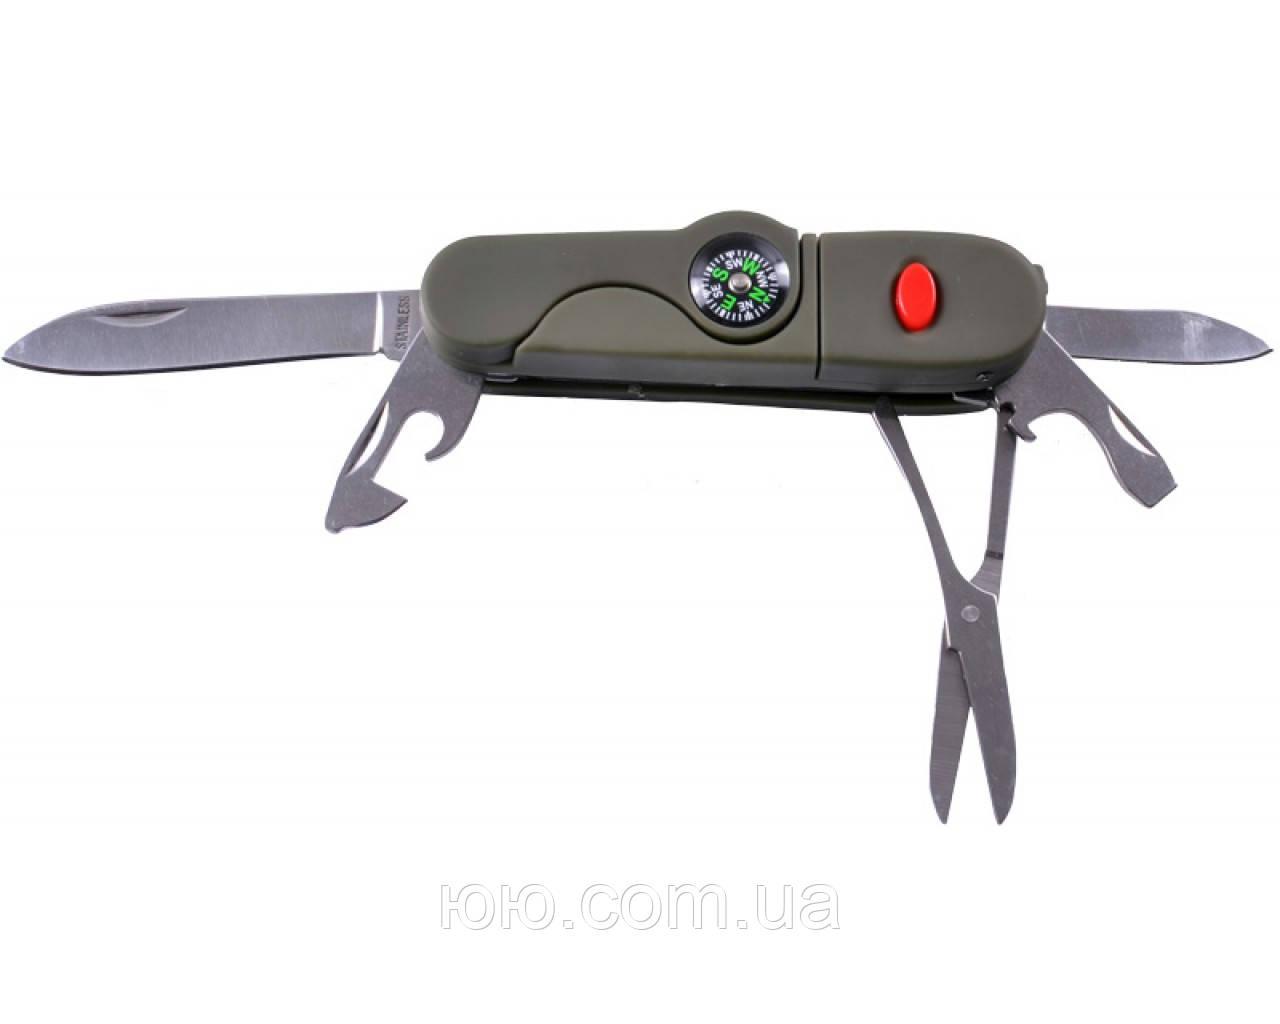 Туристический нож с компасом NТ-067